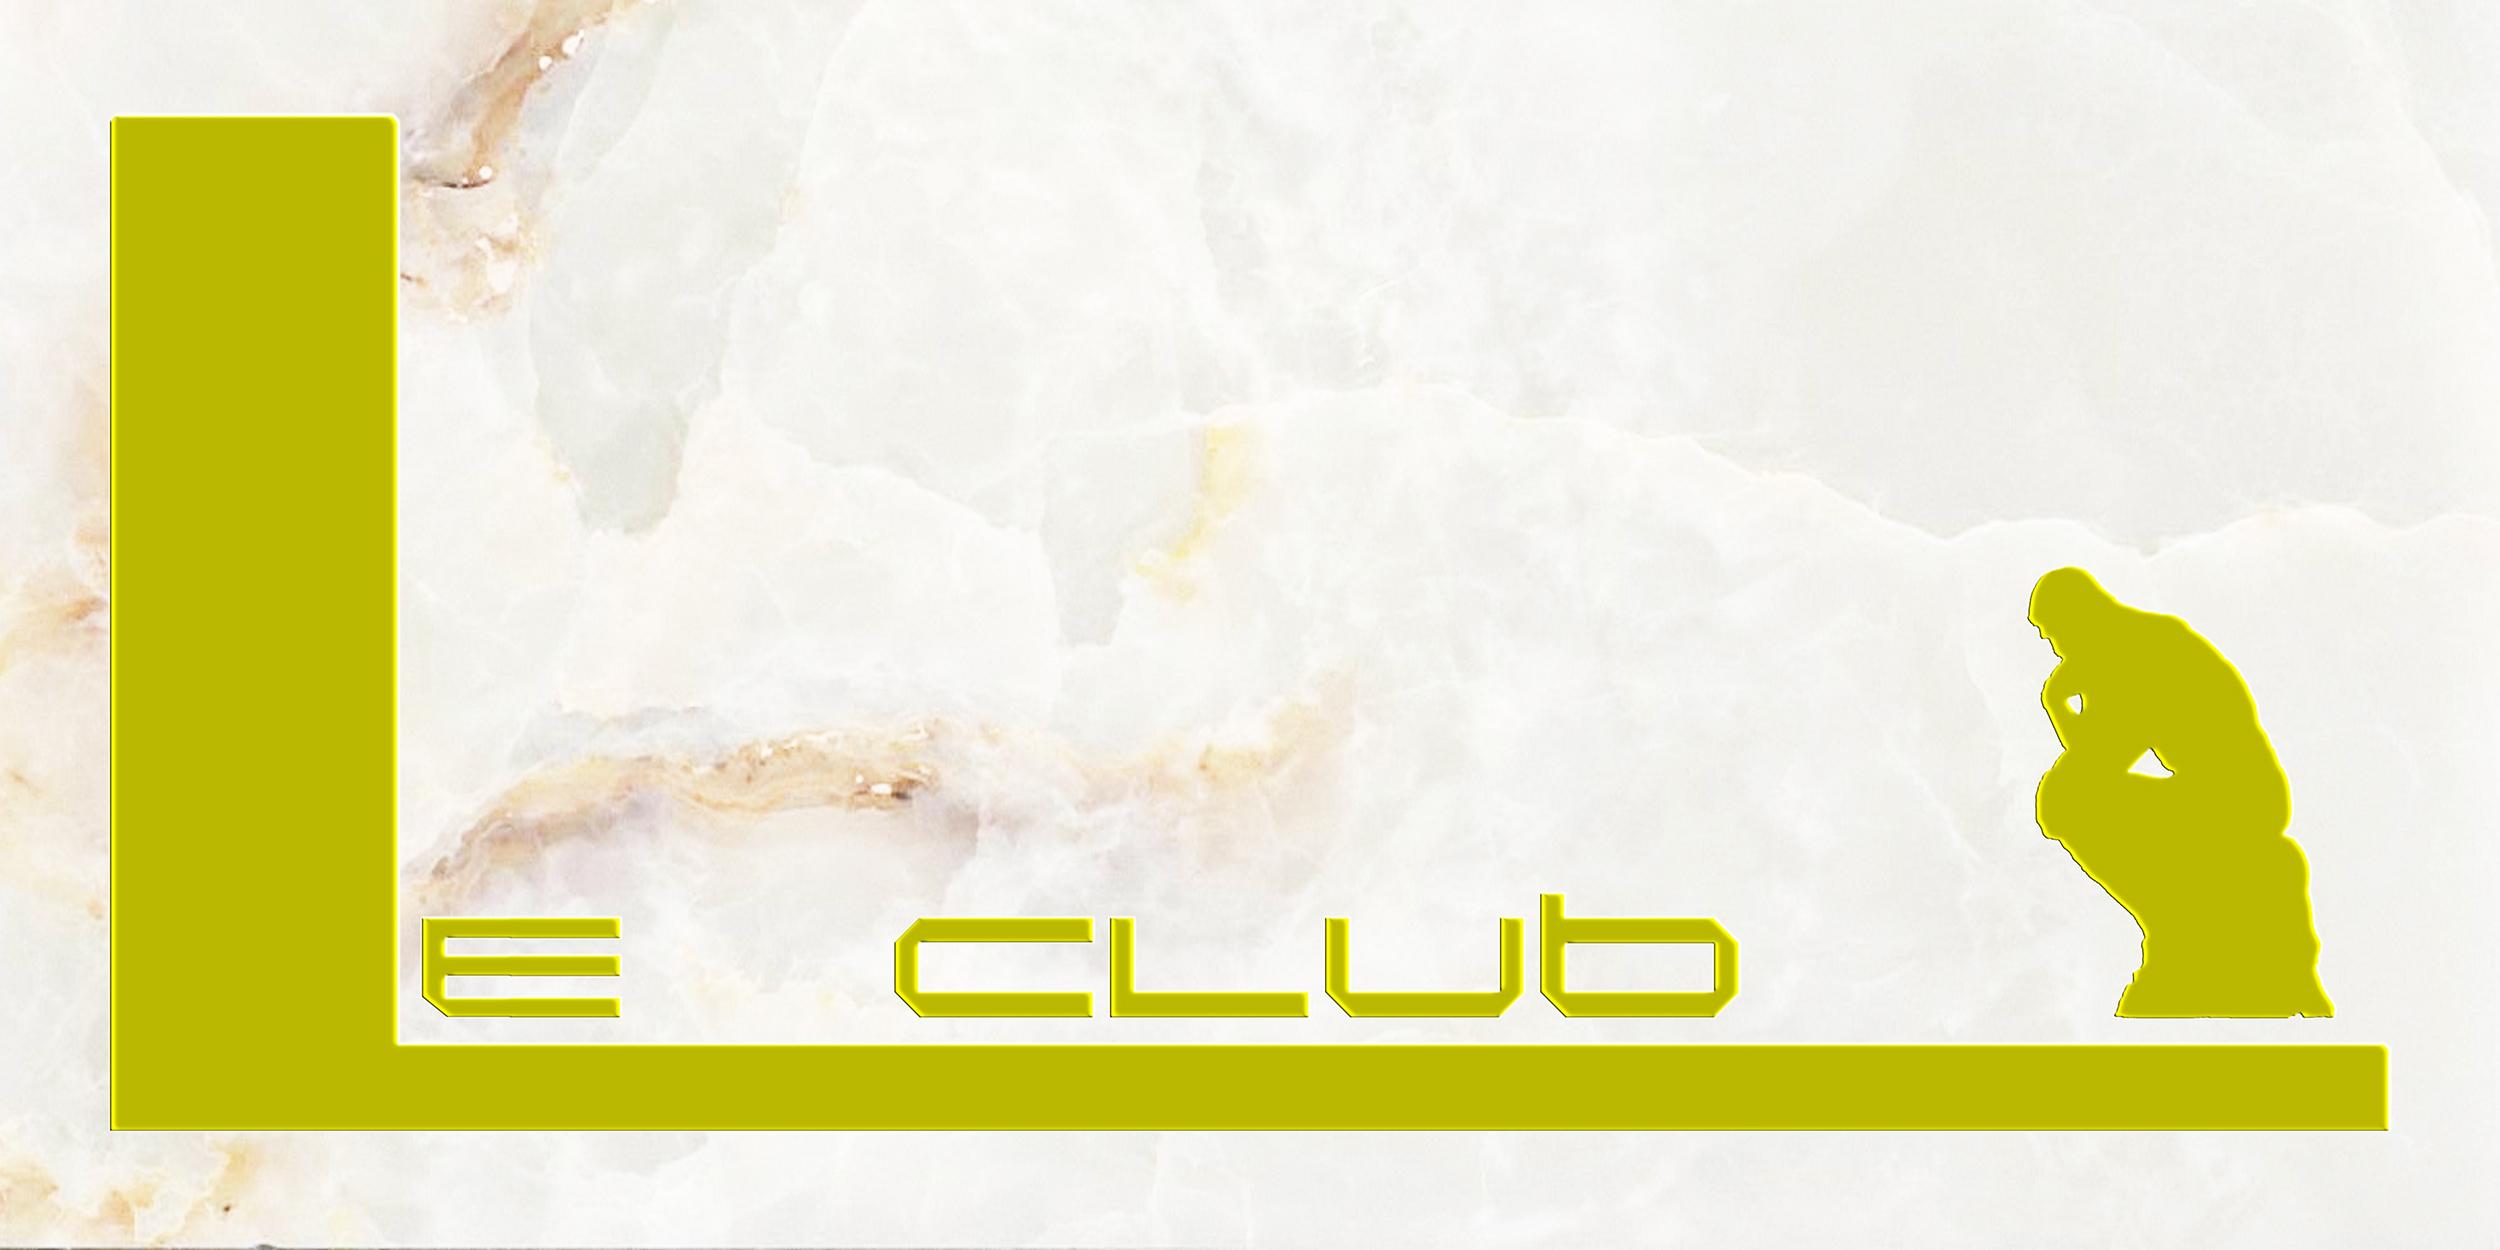 Разработка логотипа фото f_6465b40b6d39dc1e.jpg